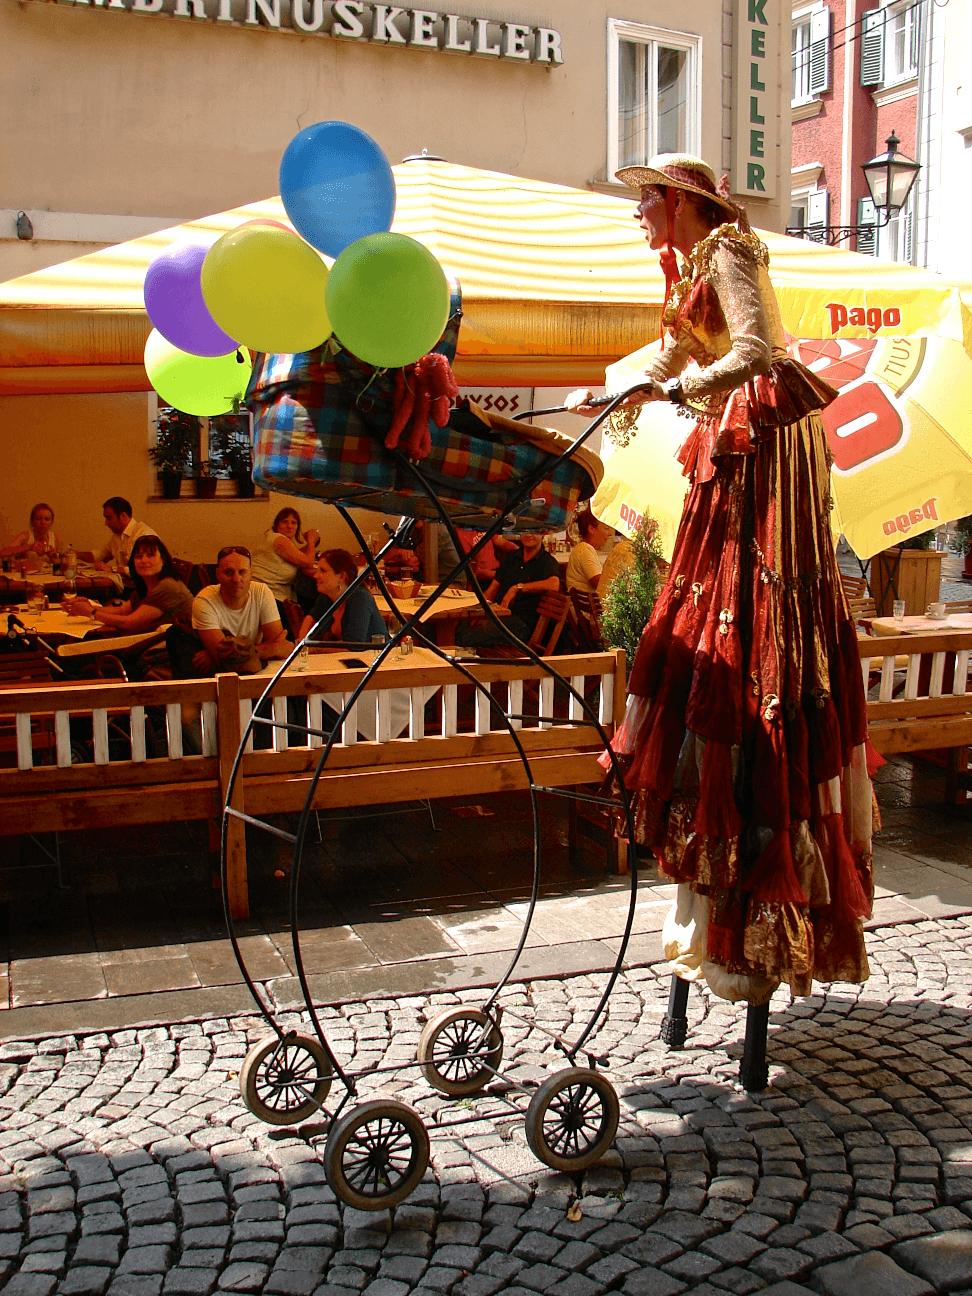 Kinderwagen2c.png